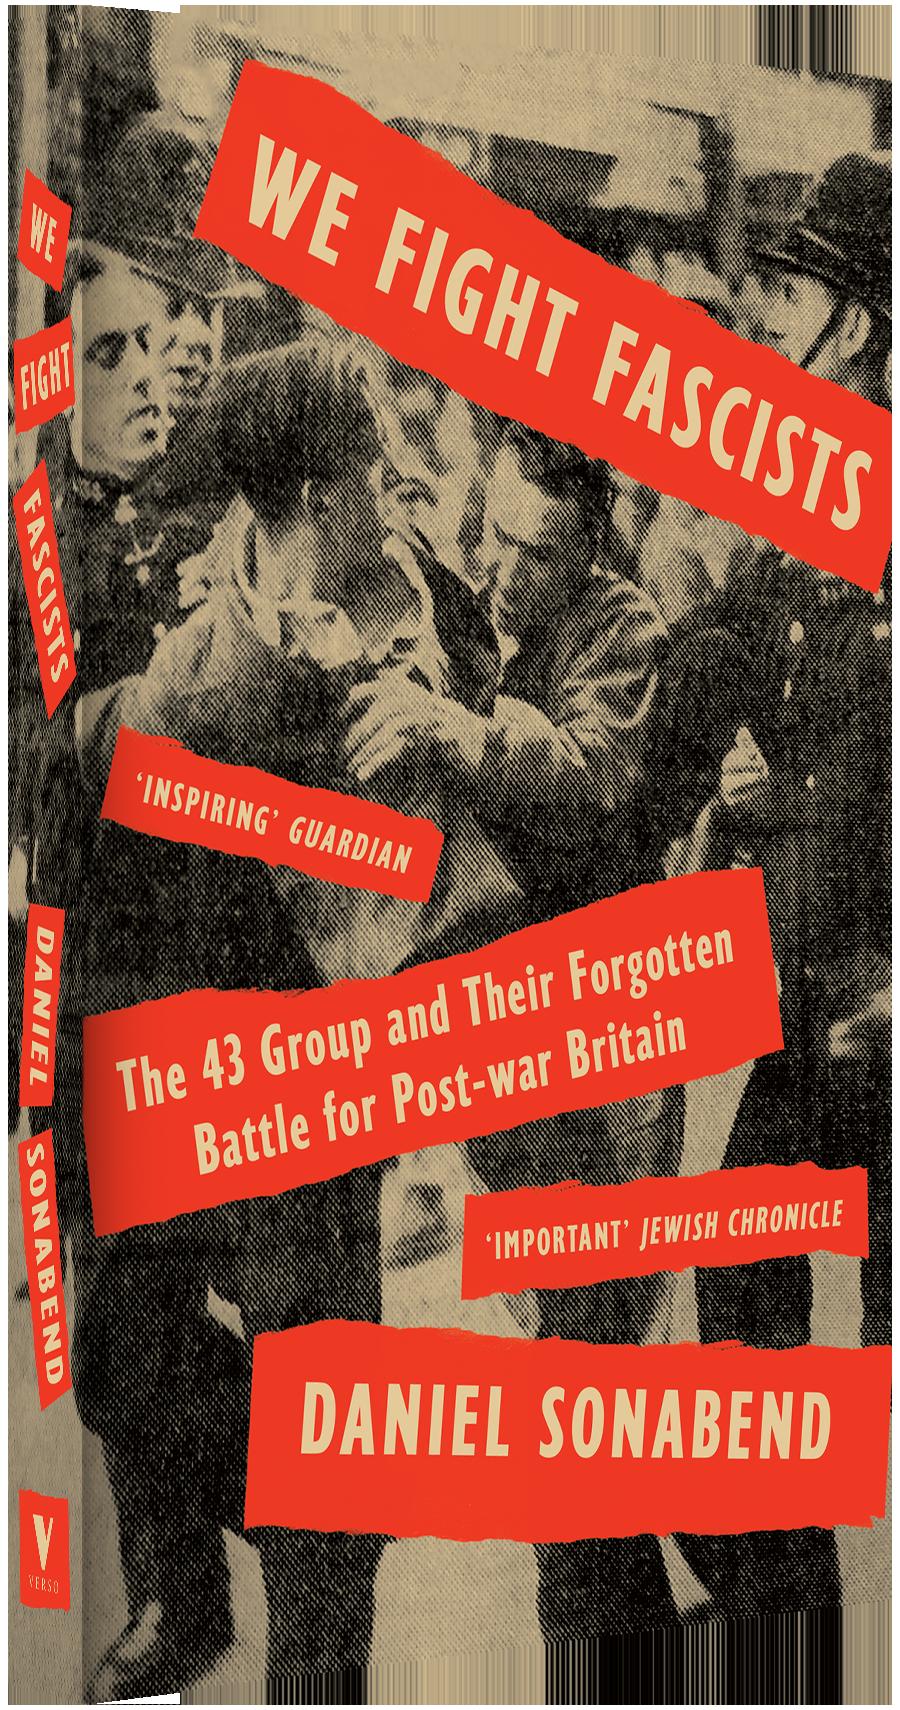 We-fight-fascists-pb